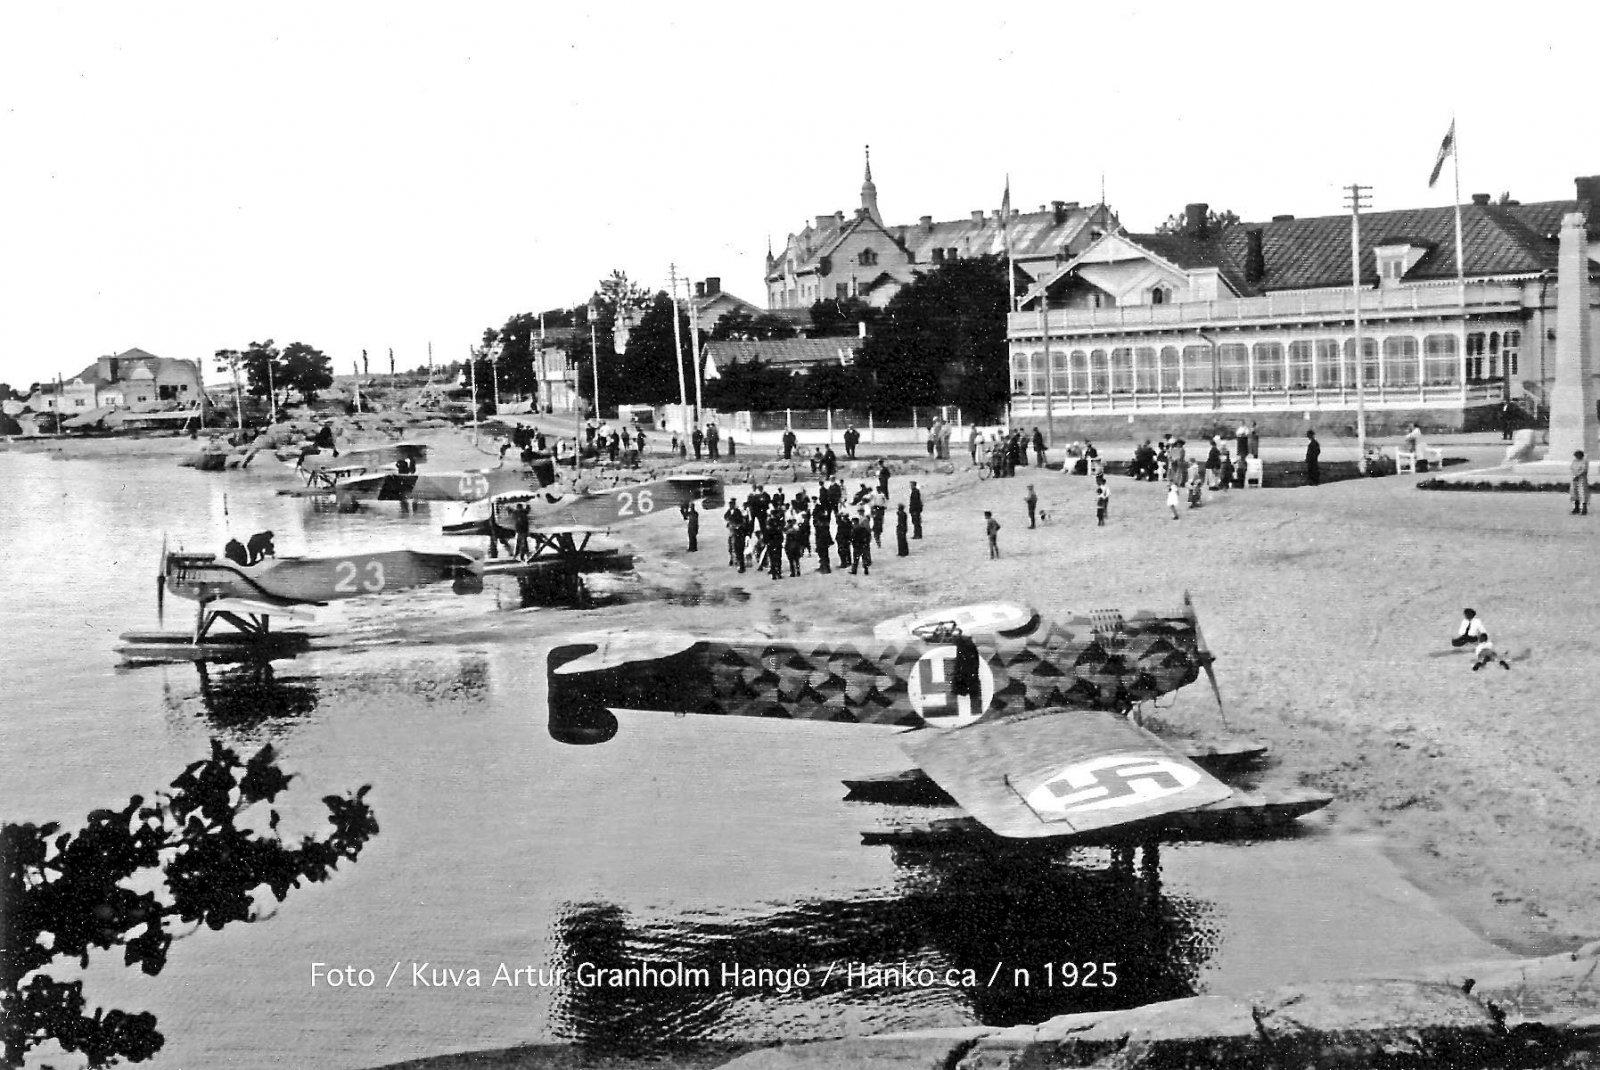 """I.V.L A.22 Hansa 4D2, 4E11 & Danish Navy Hansa Brandenburg W.29 """"22"""", """"23"""" & """"26"""" Hanko 1923-08-18"""